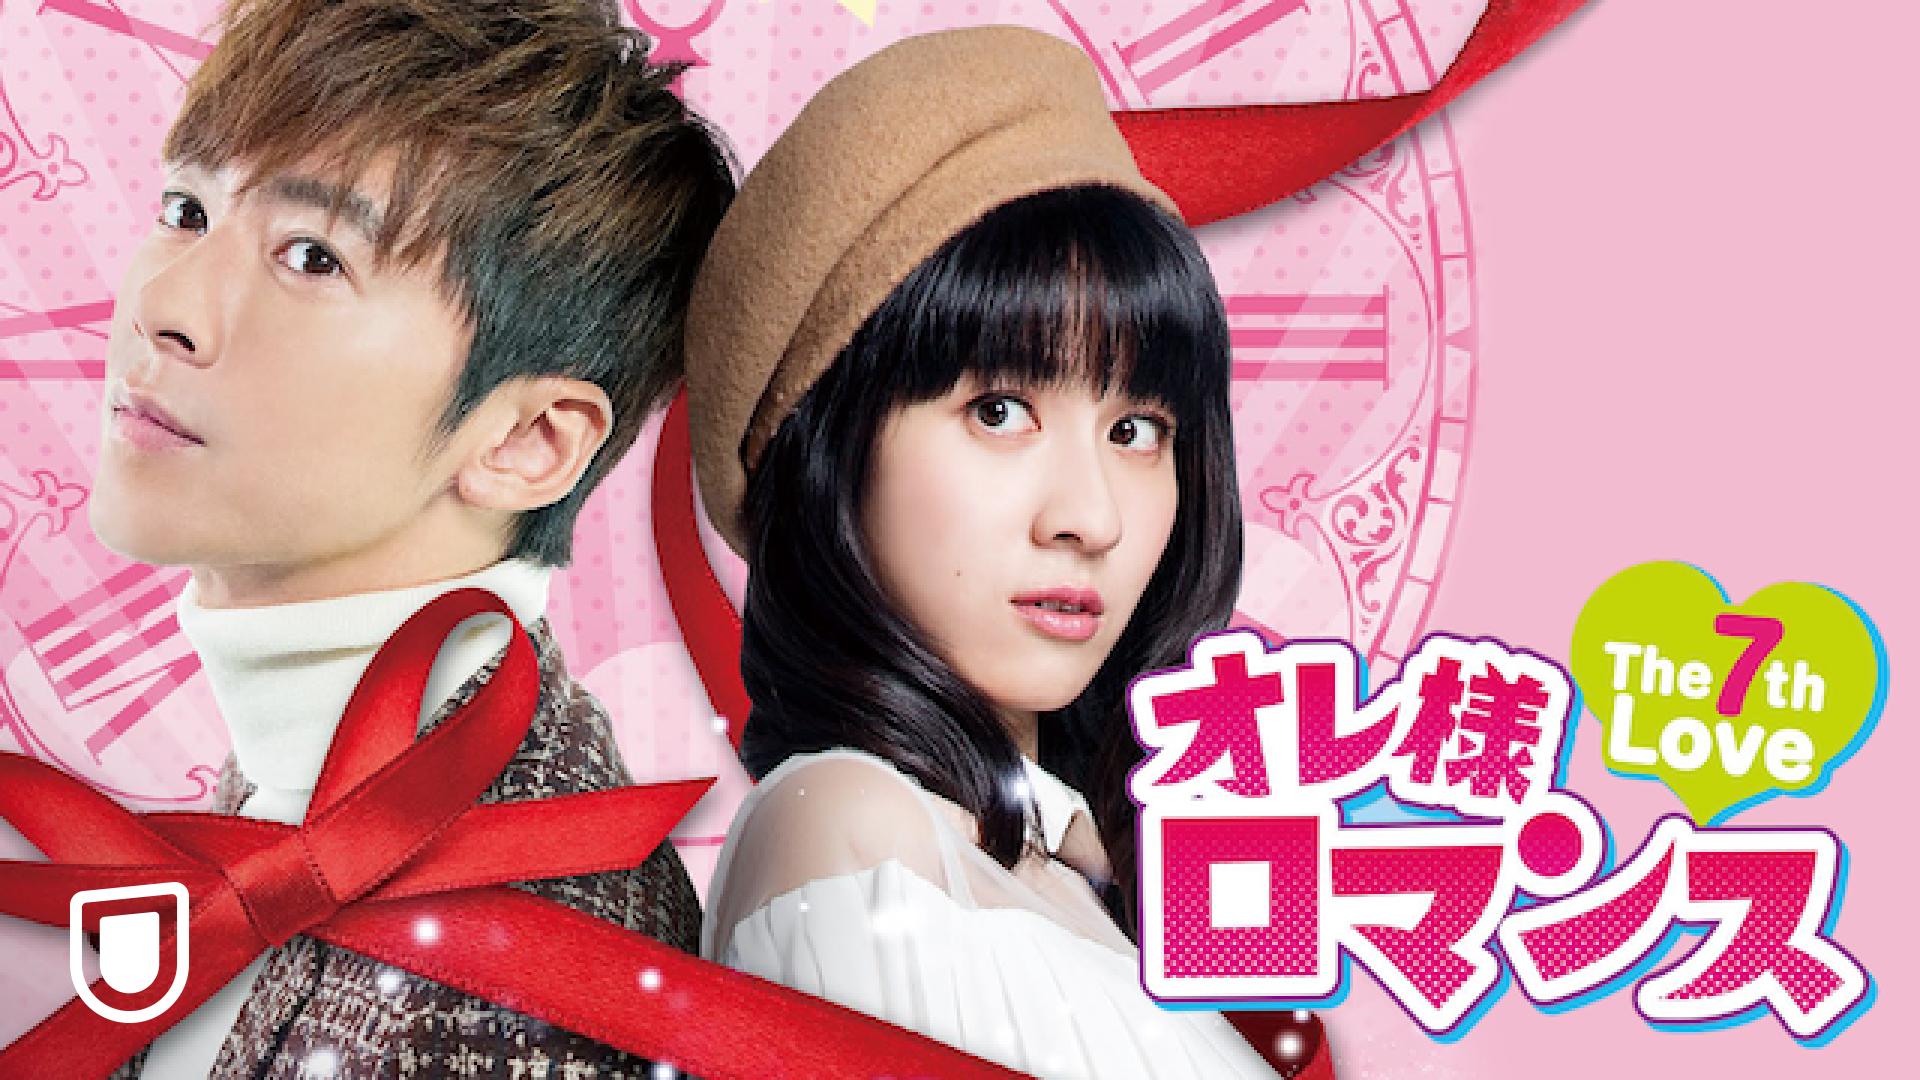 オレ様ロマンス〜The 7th Love〜 動画